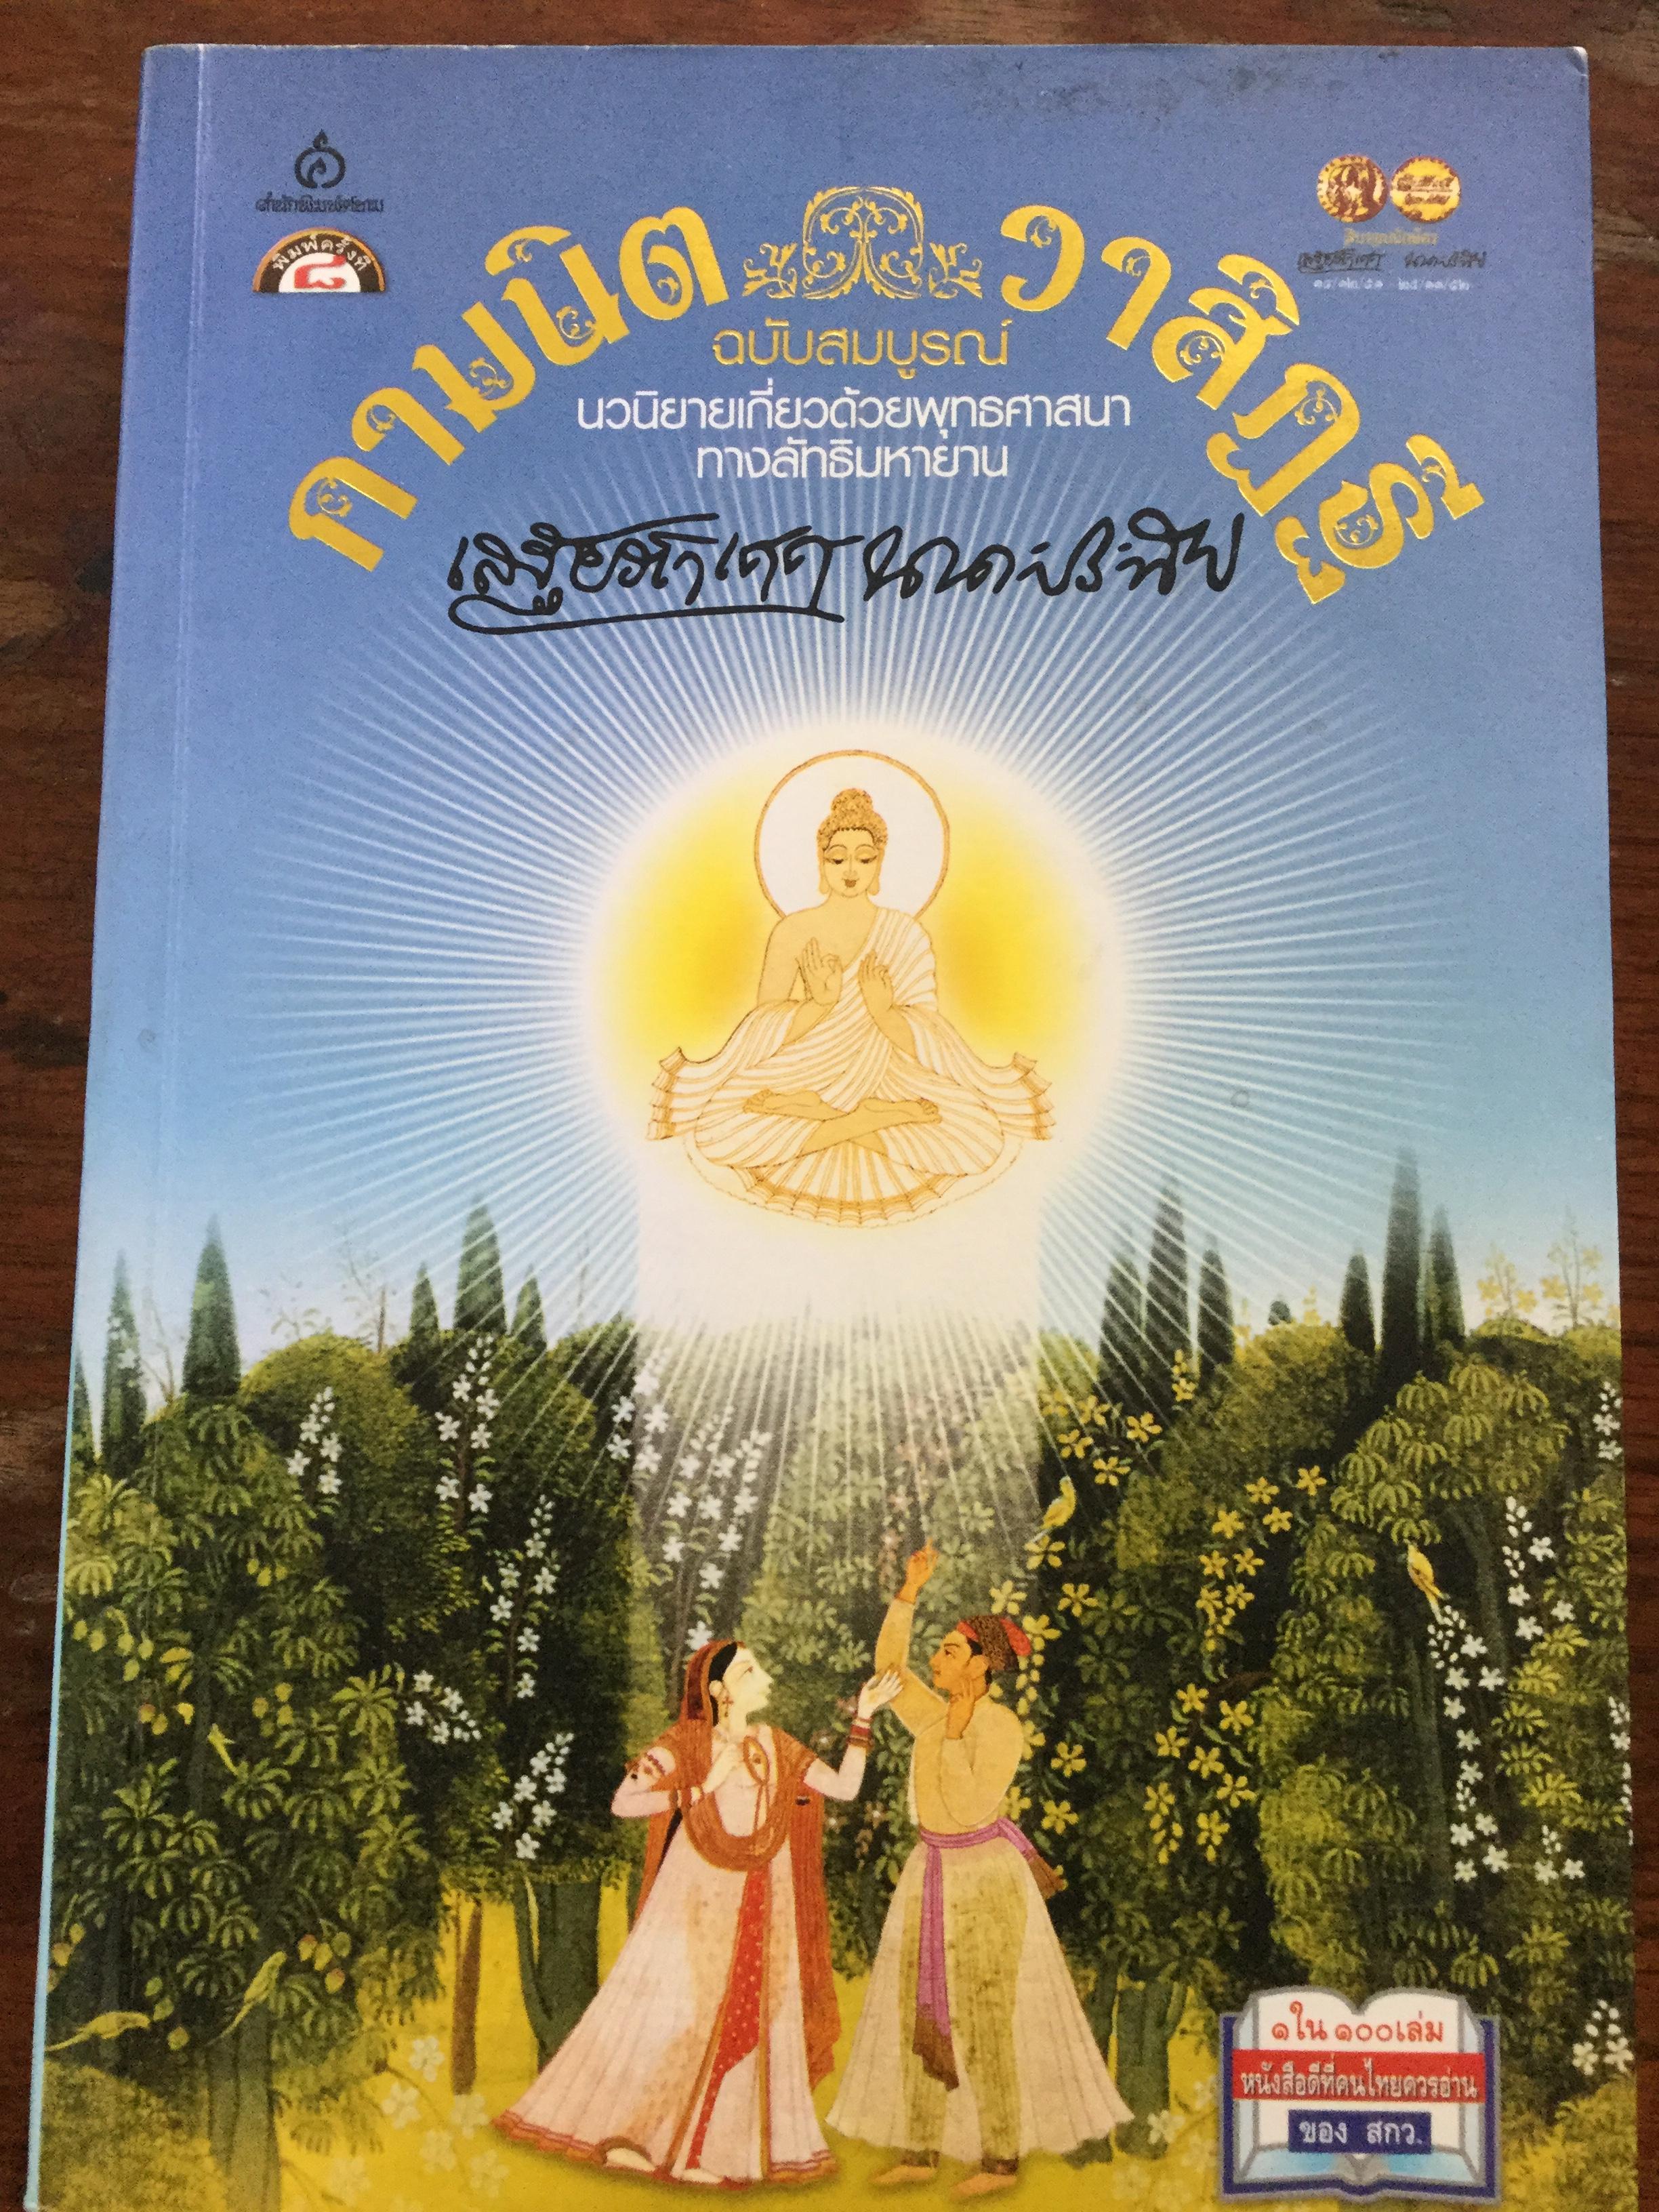 กามนิต วาสิฎฐี. ฉบับสมบูรณ์ นวนิยายเกี่ยวด้วยพุทธศาสนาทางลัทธิมหายาน. ผู้เขียน คาร์ล อดอล์ฟ เจลลิรูป. เสฐียรโกเศศ & นาคะประทีป ถ่ายทอดเป็นภาษาไทย